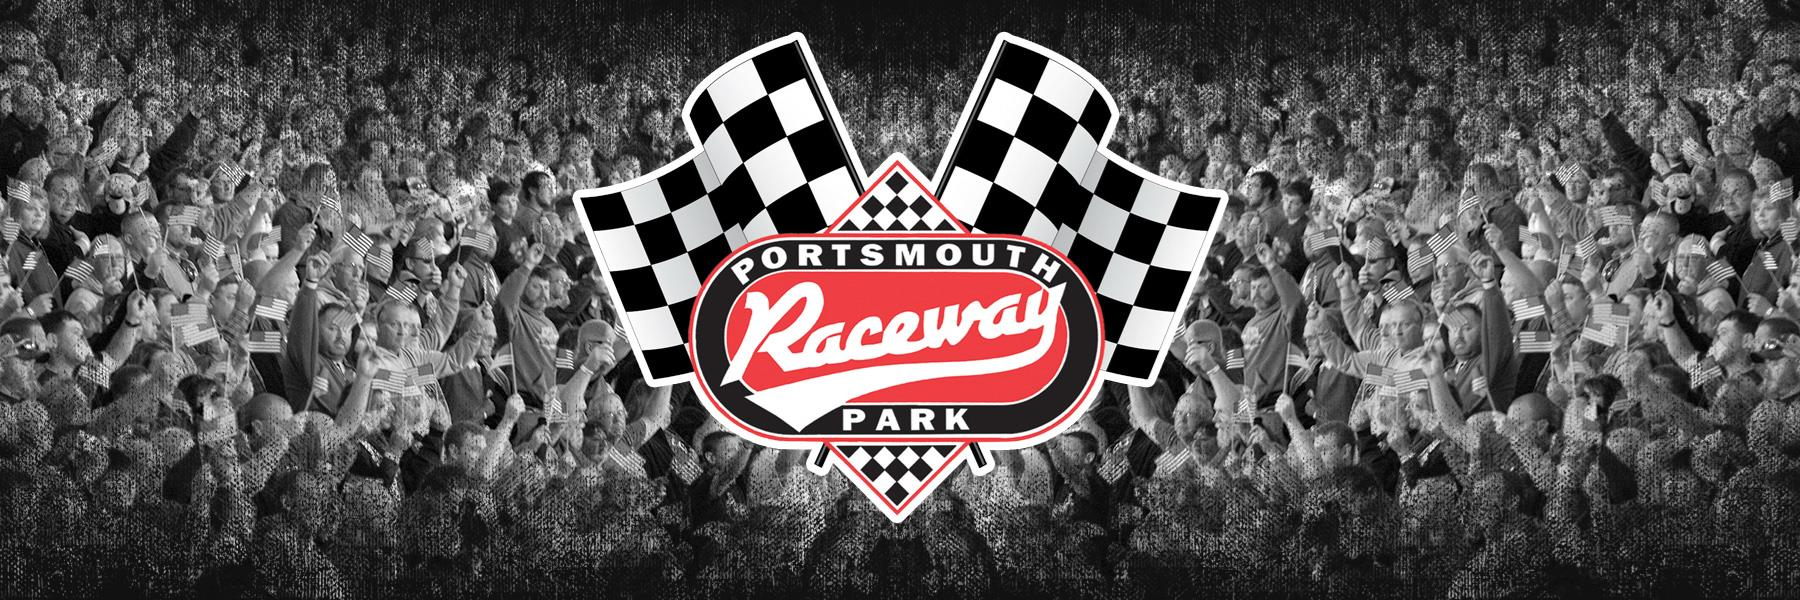 Portsmouth Raceway Park